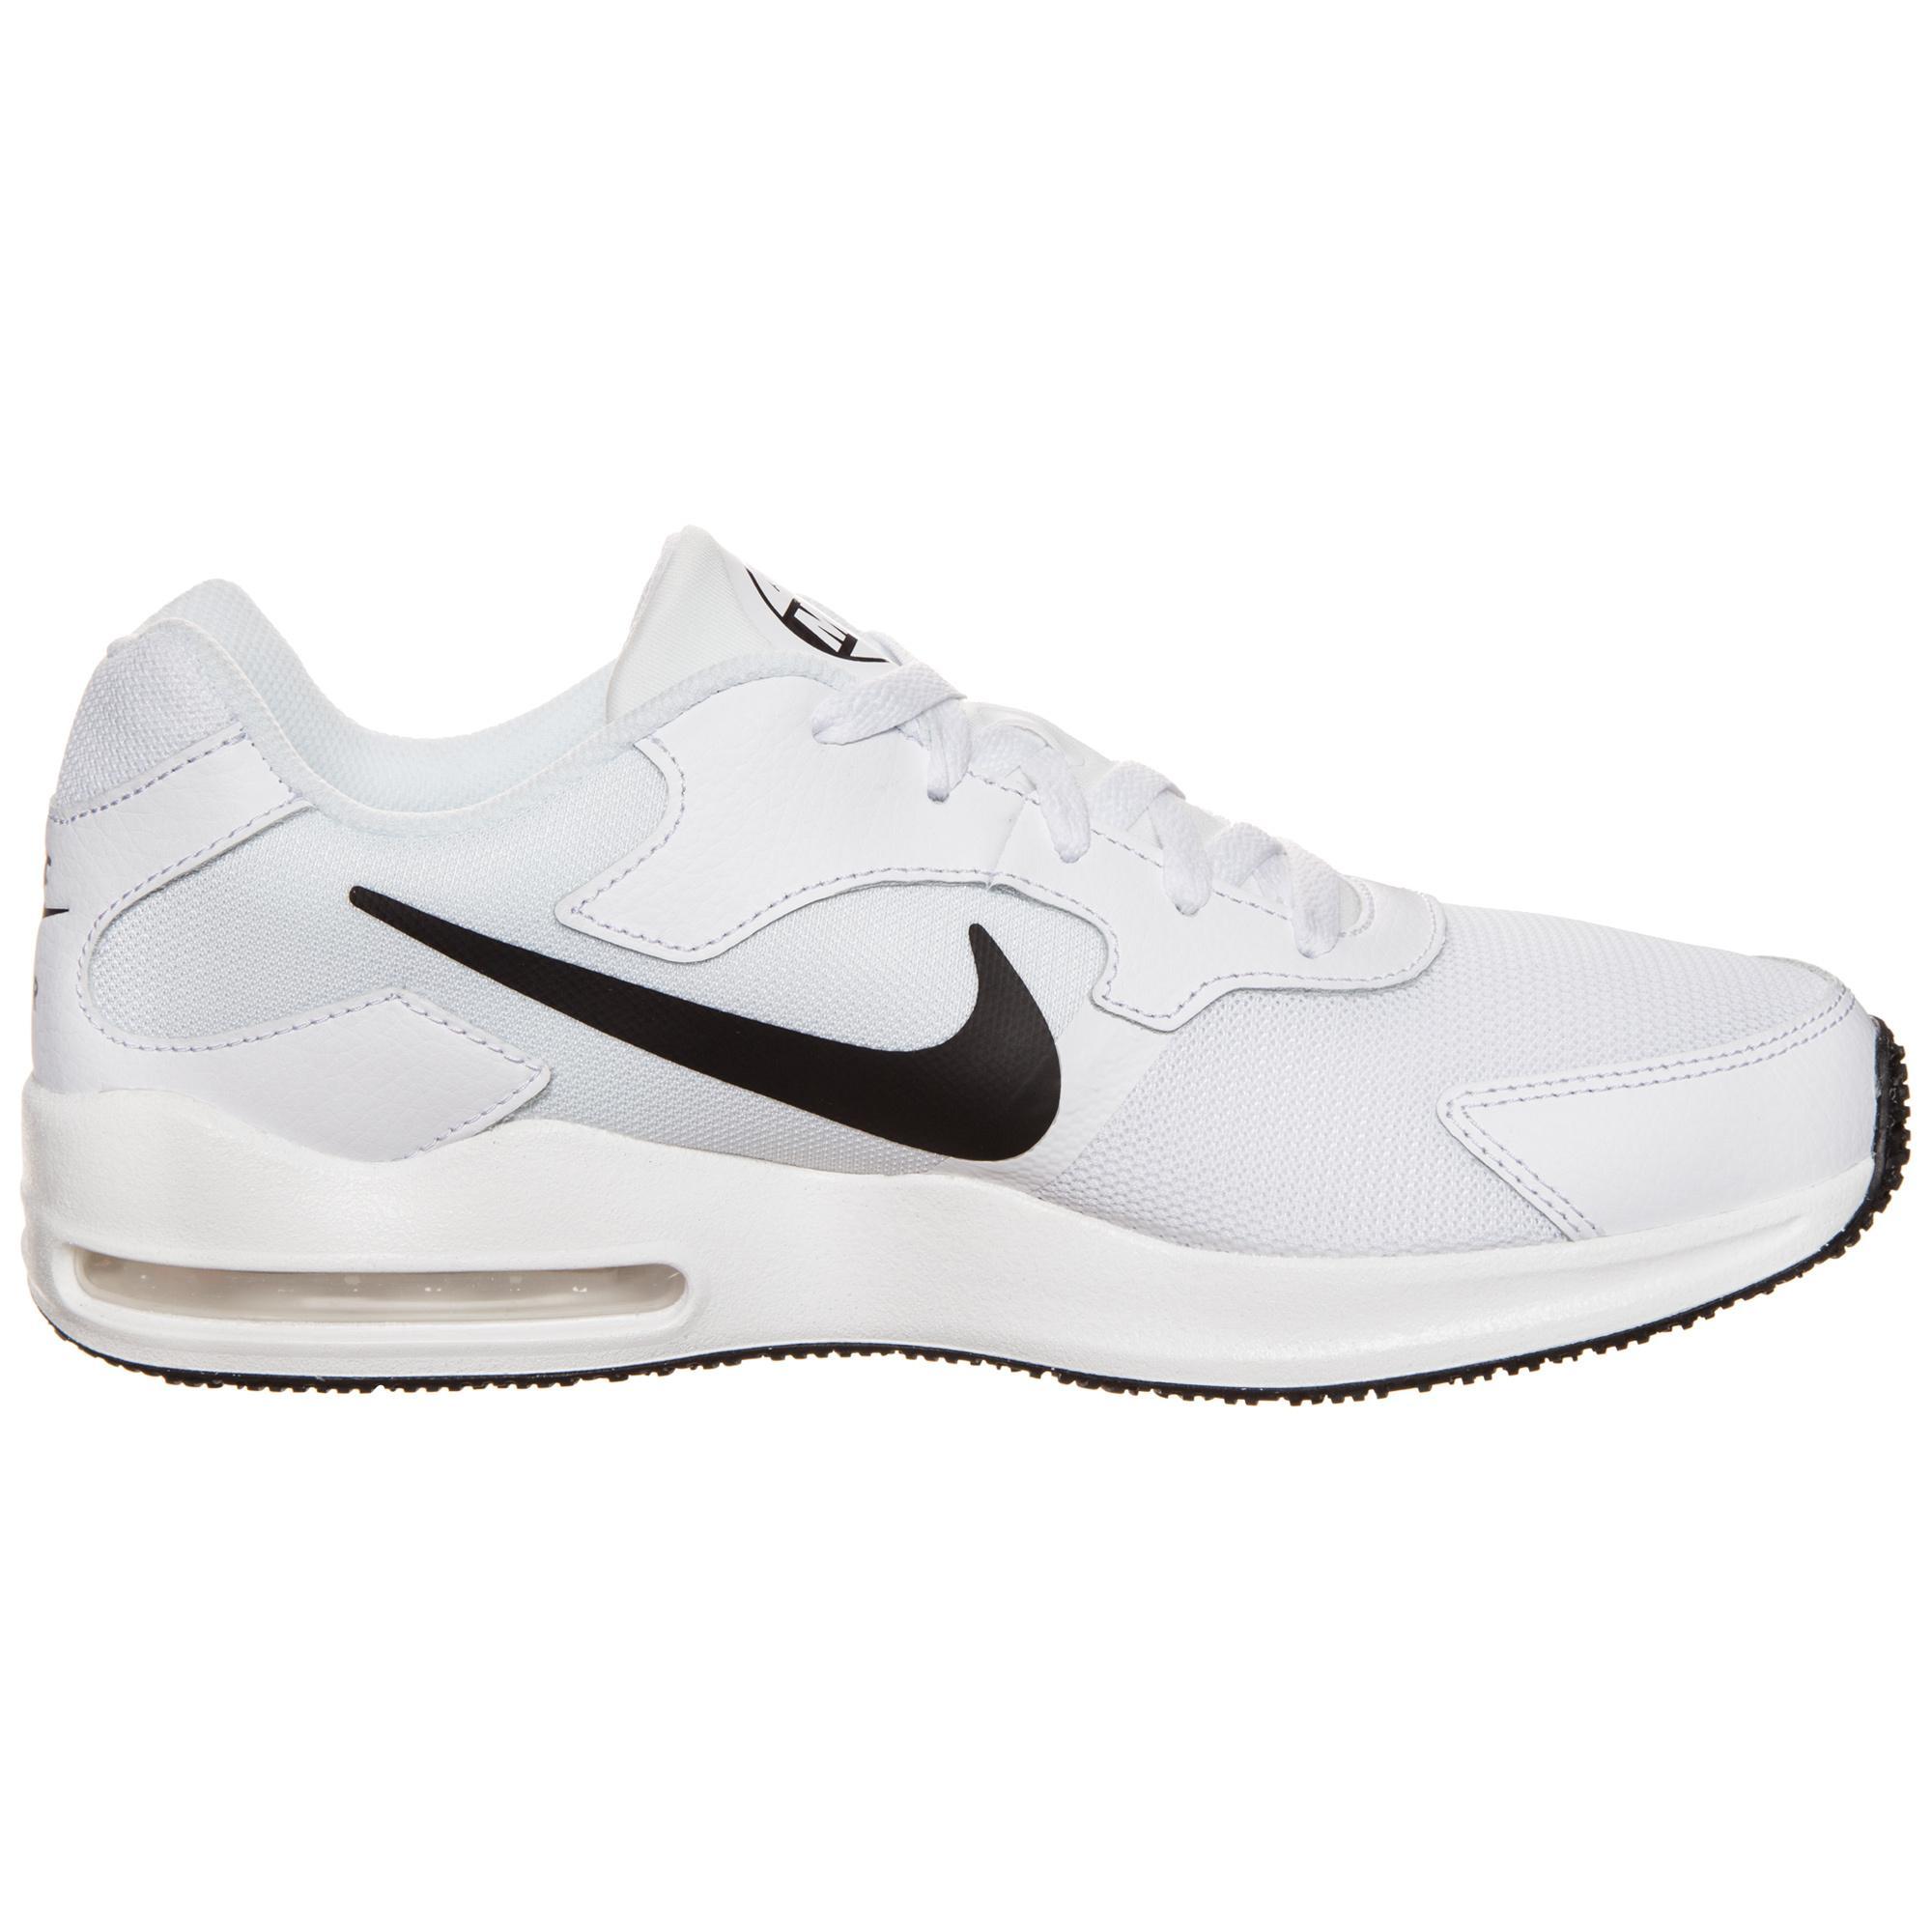 Nike Max Air Max Nike Guile Sneaker Herren weiß / schwarz im Online Shop von SportScheck kaufen Gute Qualität beliebte Schuhe 10da5f